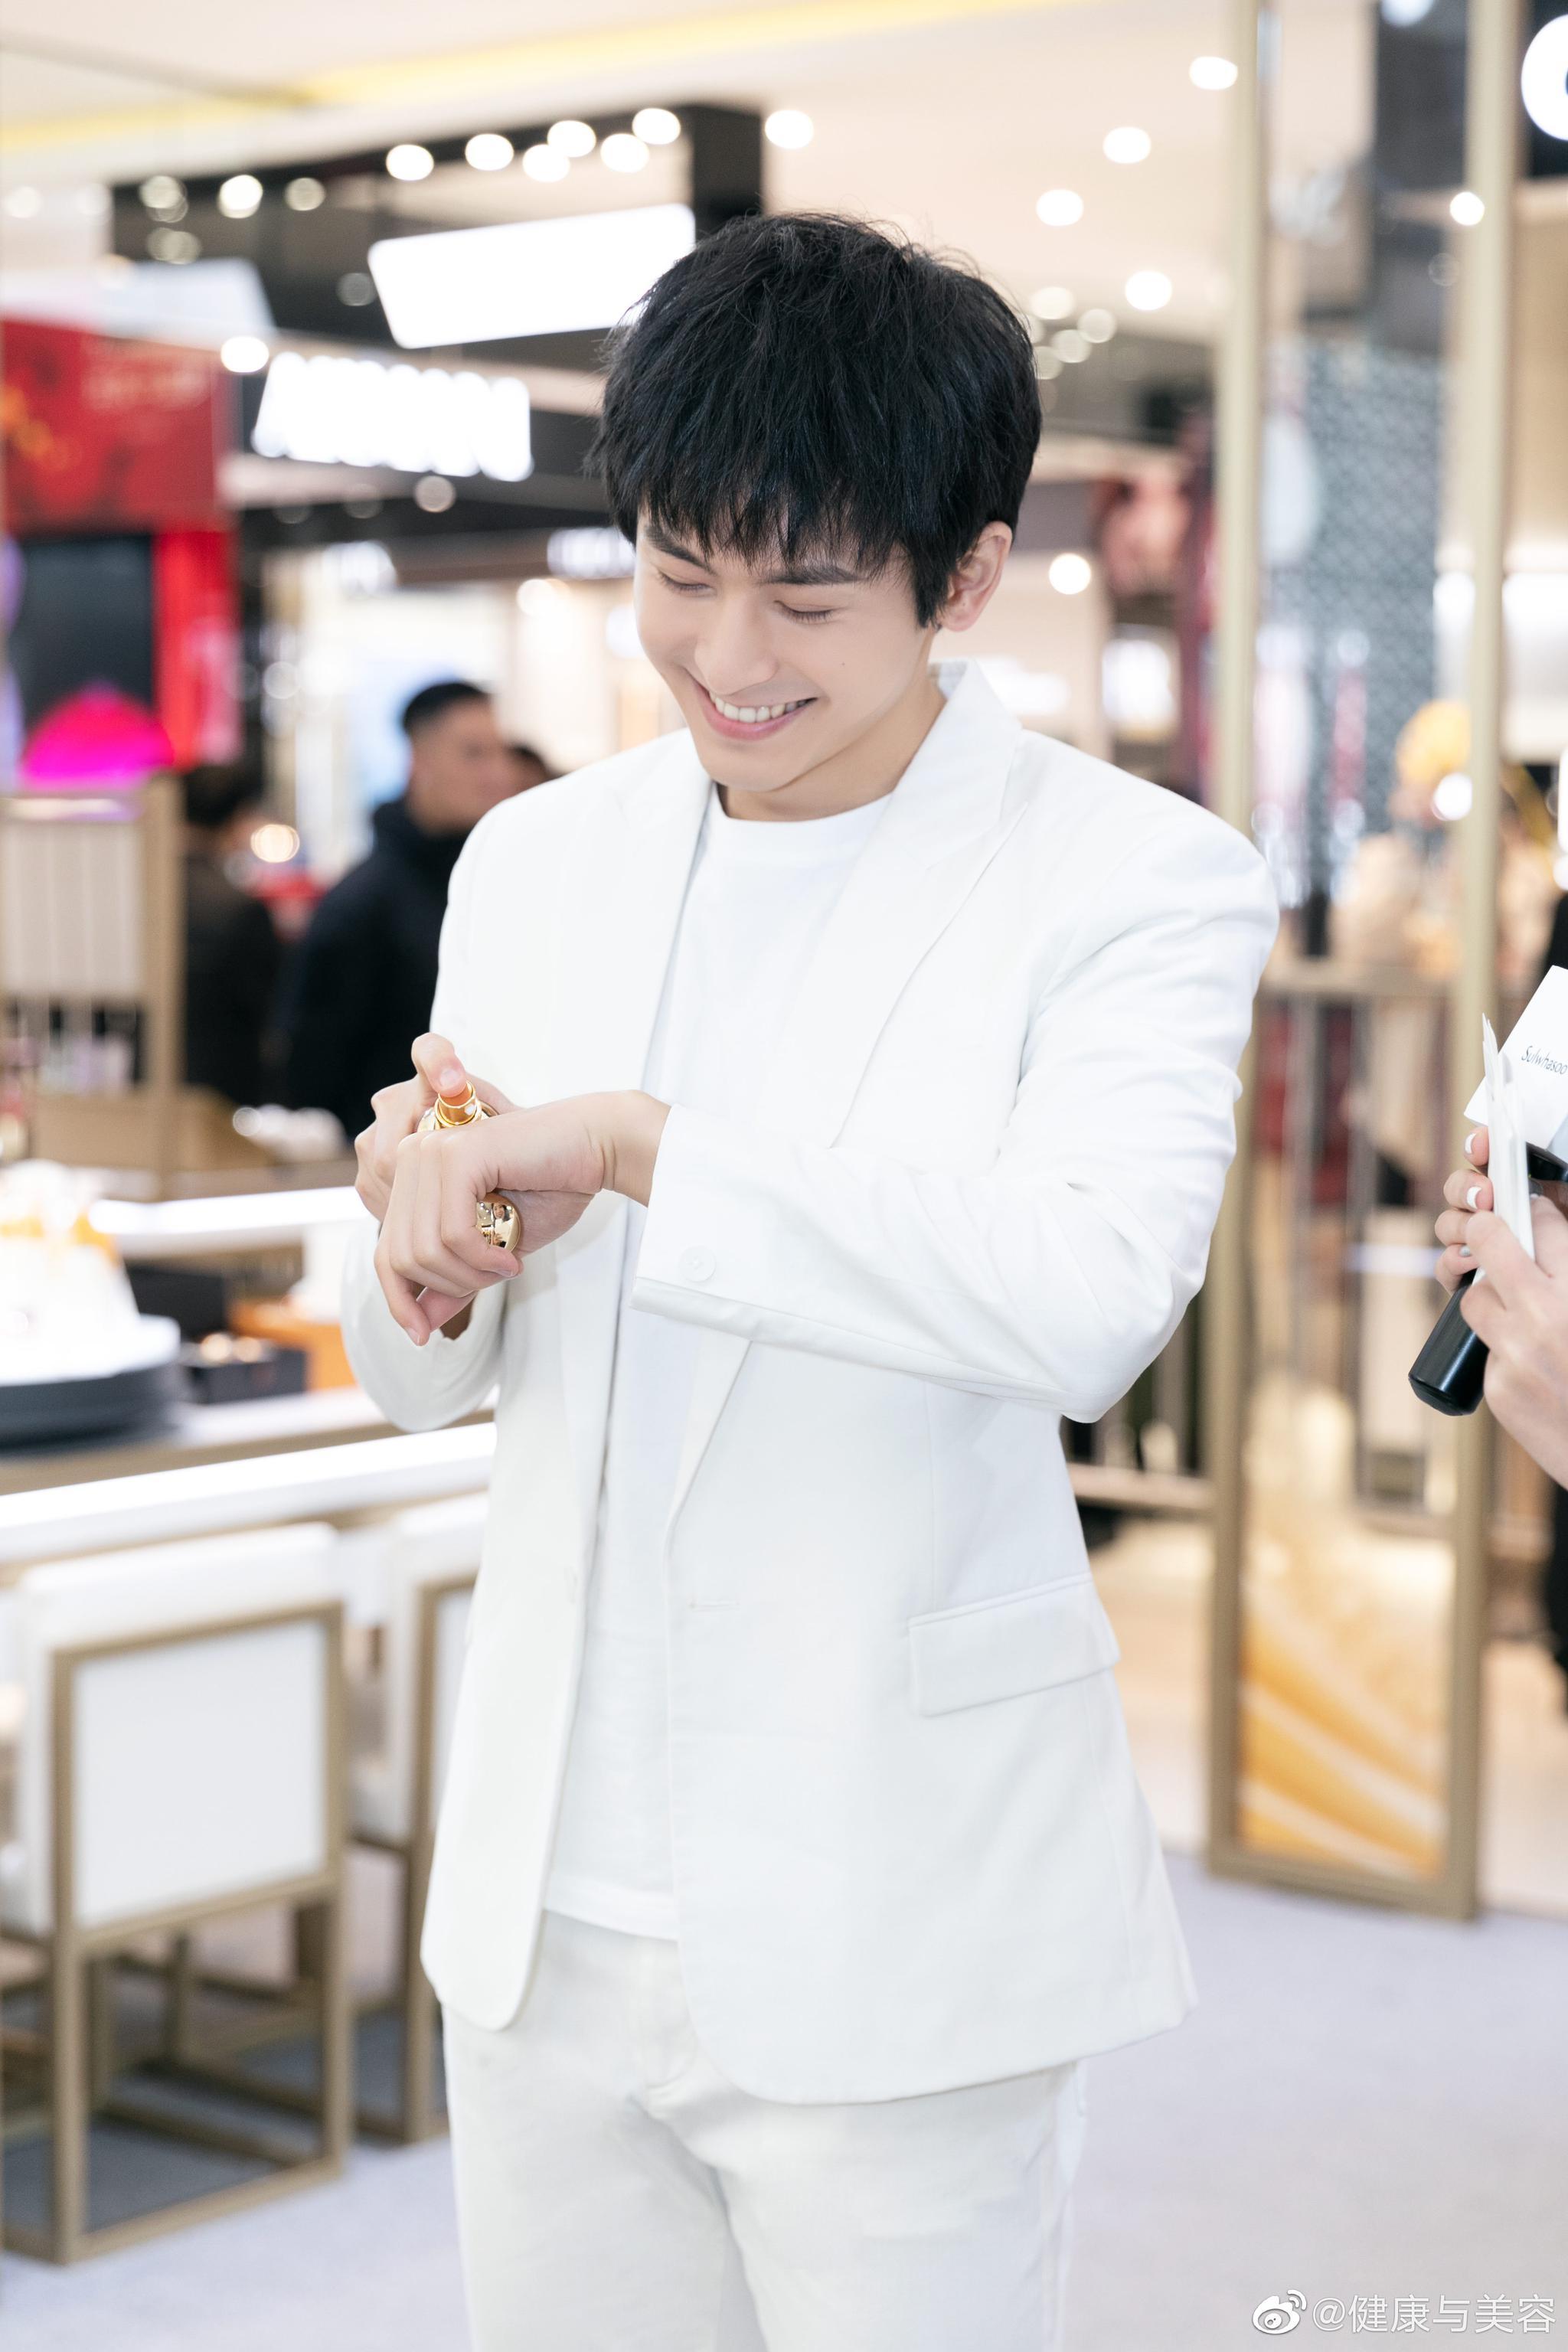 今日,演员张哲瀚@张哲瀚疯子 出席了雪花秀的品牌活动